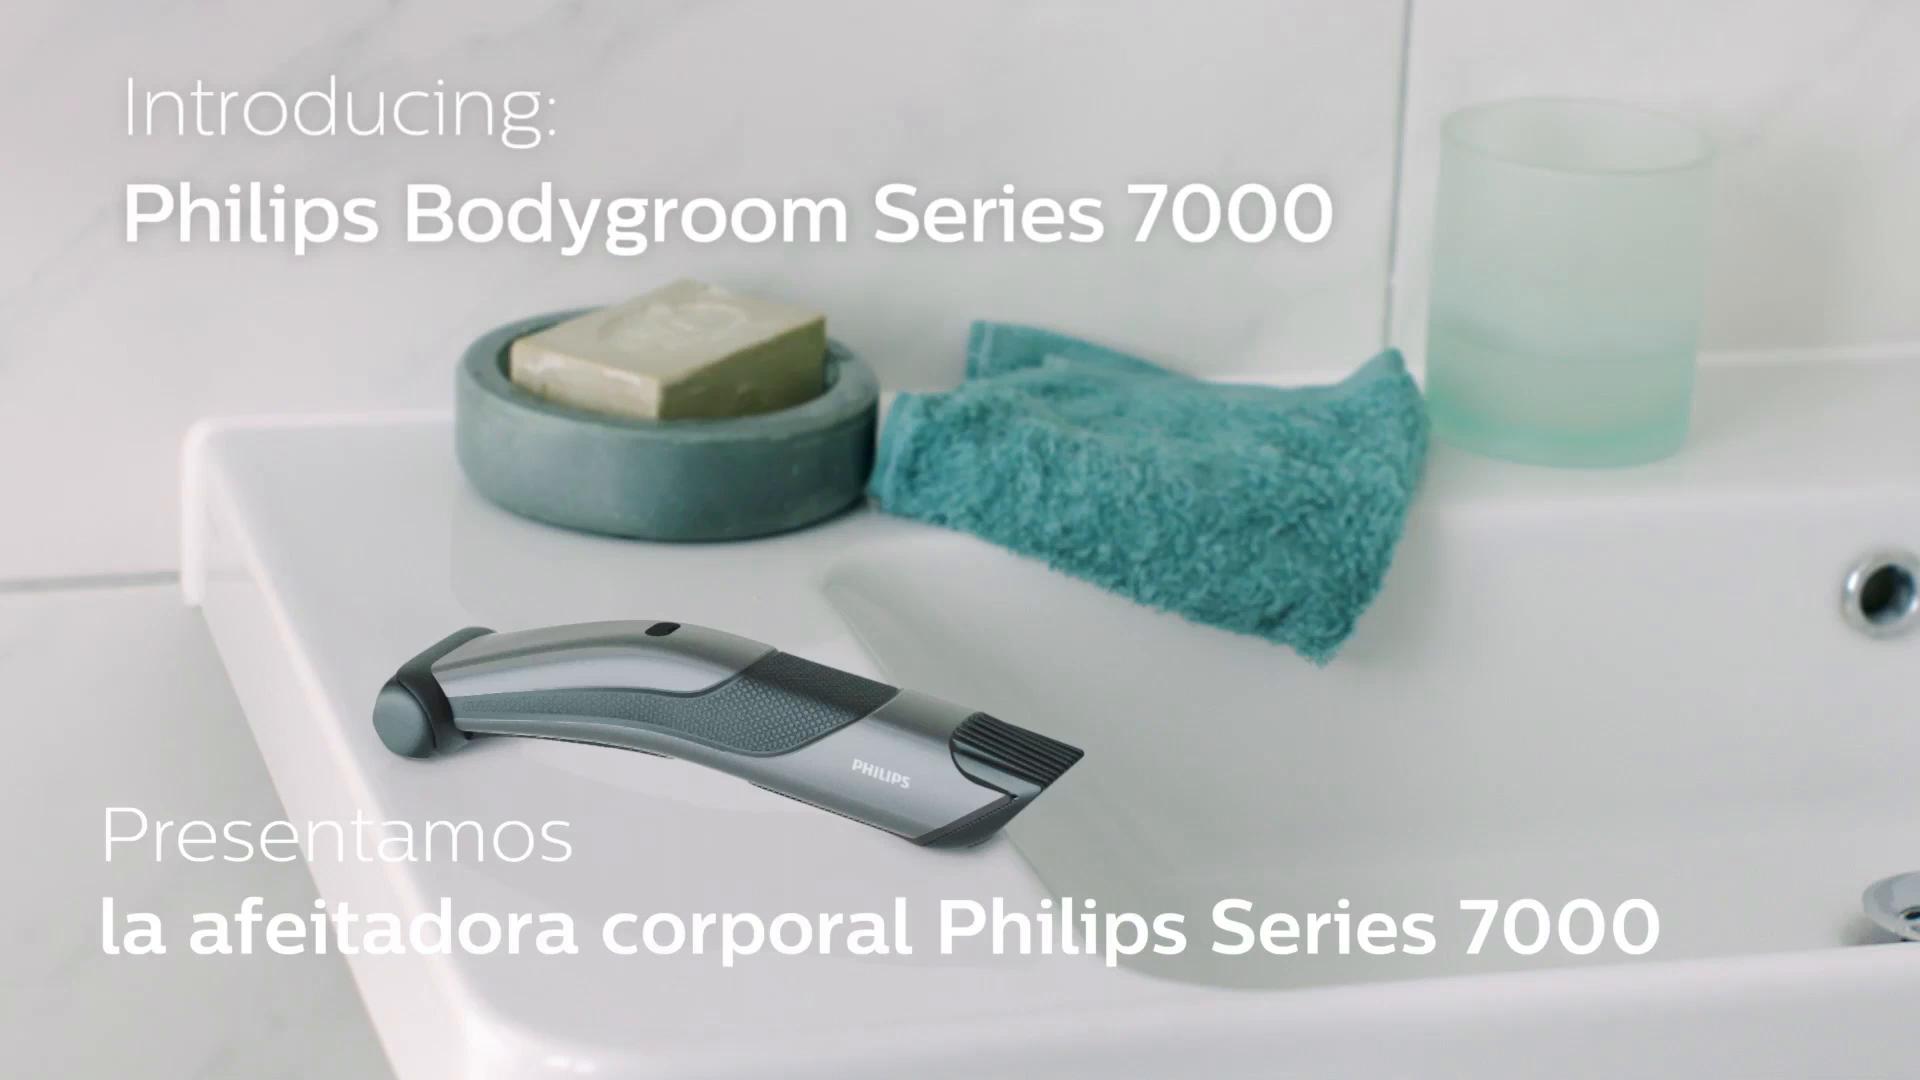 Philips Serie 7000 BG7020/15 - Afeitadora corporal con cabezal de recorte y de afeitado, apta para la ducha, 70 minutos de uso: Amazon.es: Salud y cuidado personal